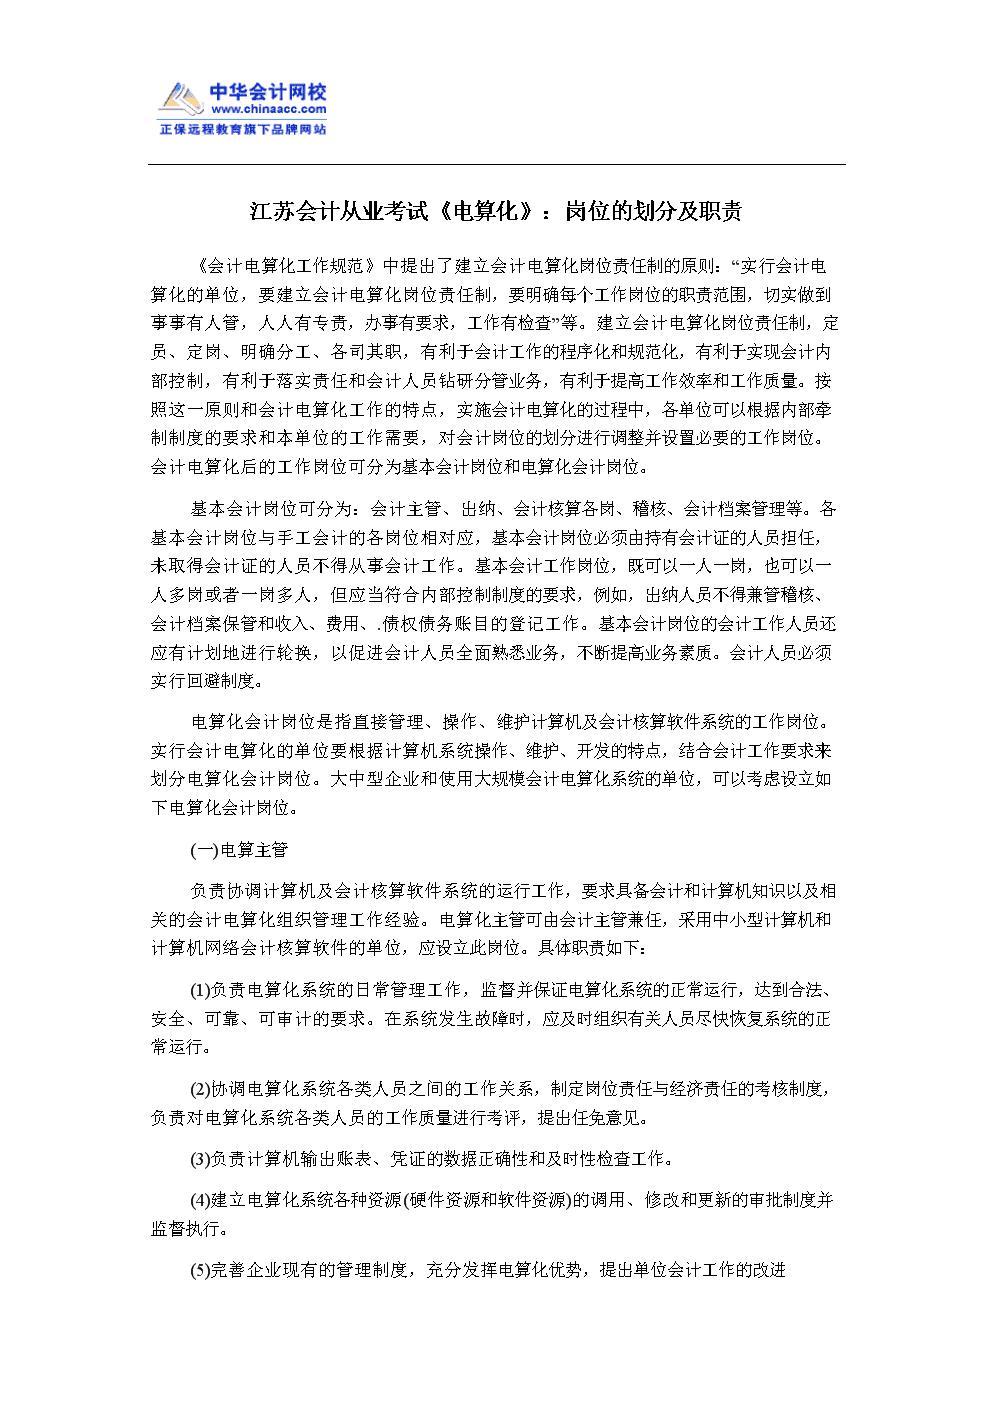 江苏会计从业考试《电算化》:岗位的划分及职责.docx